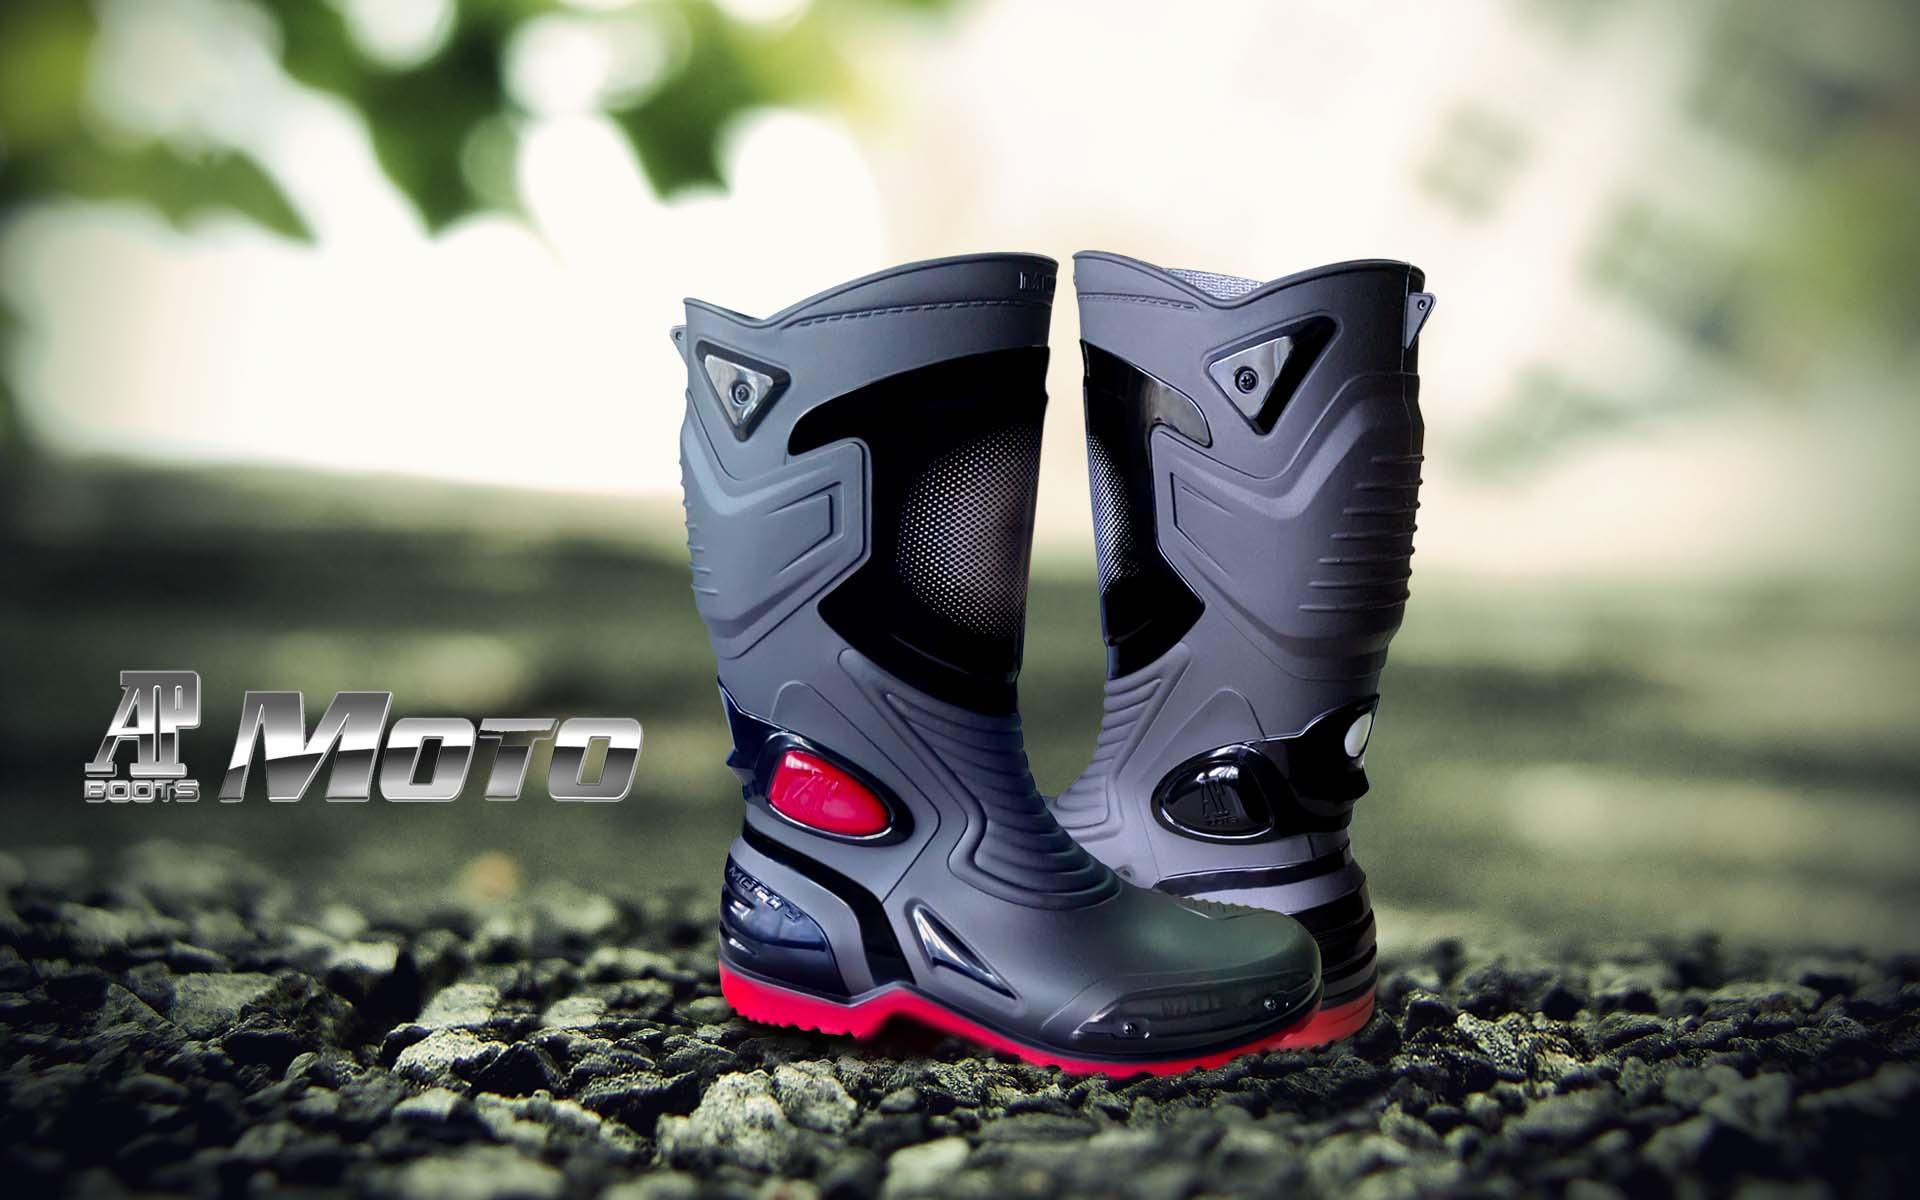 HOT DEALS!! Sepatu Karet PVC Anti Tembus Air Banjir Hujan AP BOOTS MOTO 3 MOTO3 - Hitam, 38 TERMURAH / MURAH / PACKING RAPIH / PENGIRIMAN CEPAT